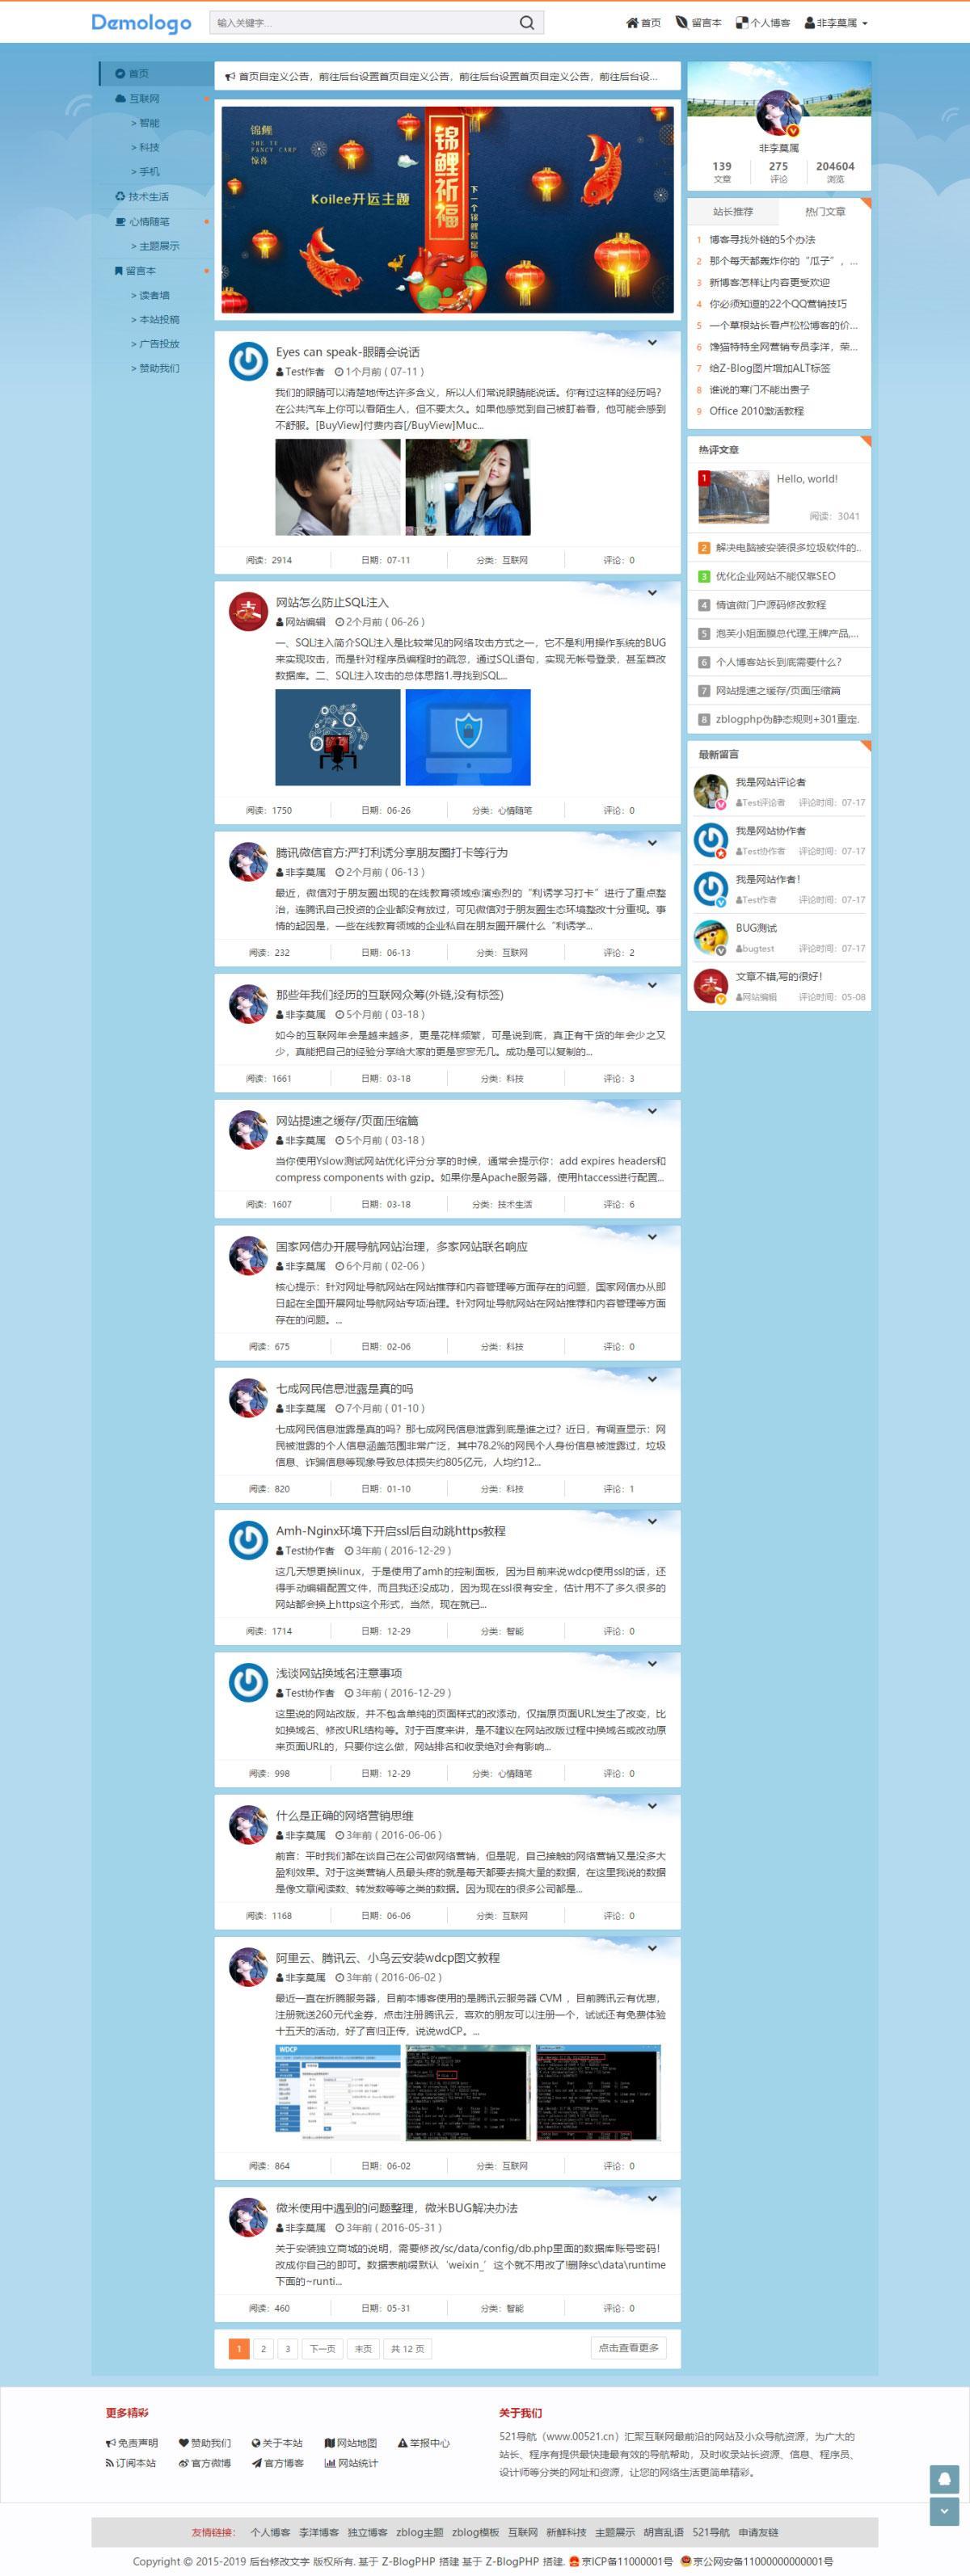 个人主题建站首选微博秀模板,仿新浪微博官网 第17张